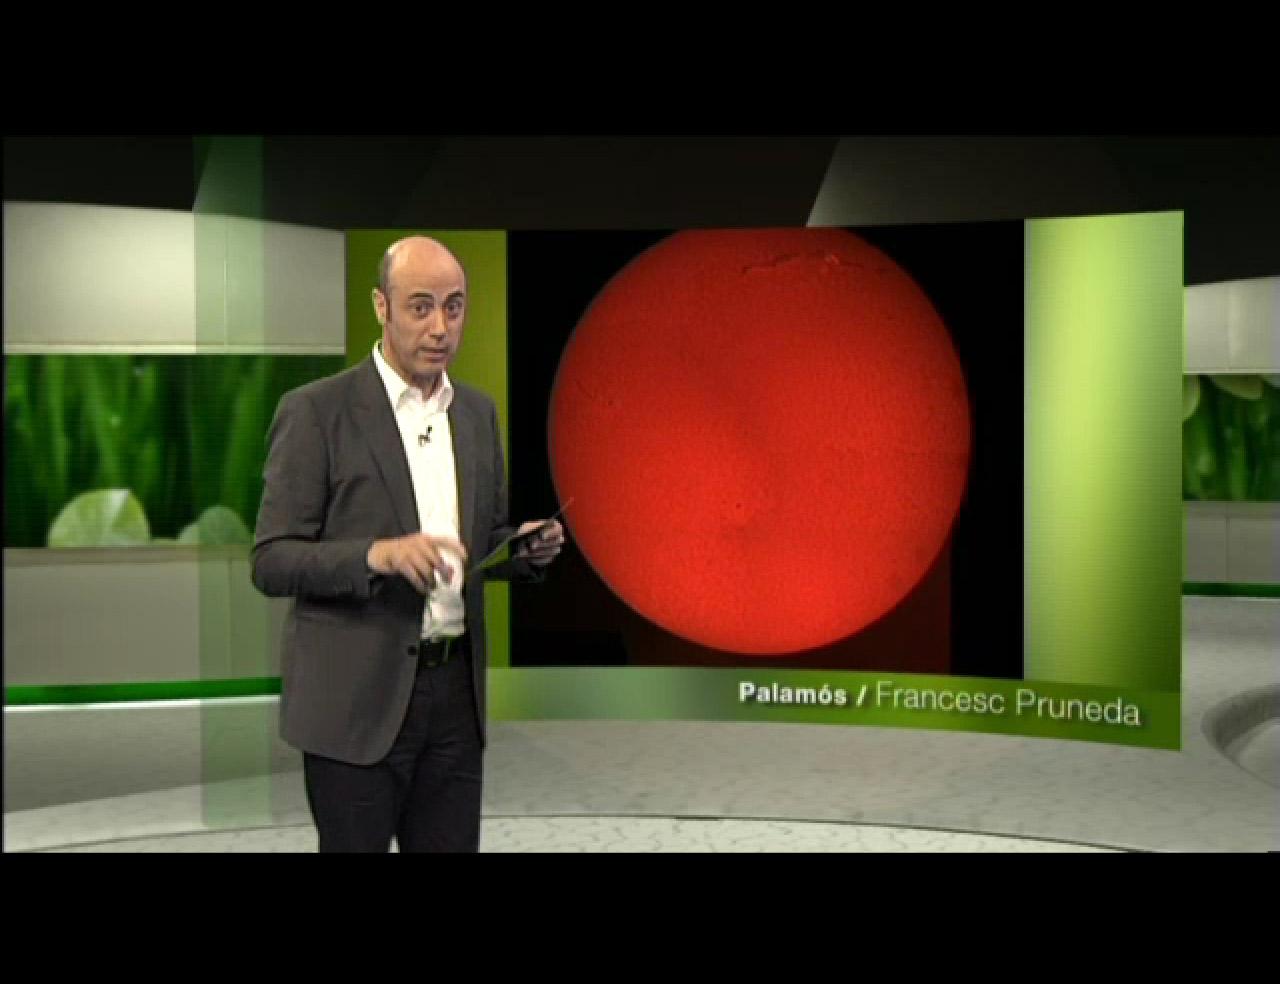 Filament solar a l'Espai terra